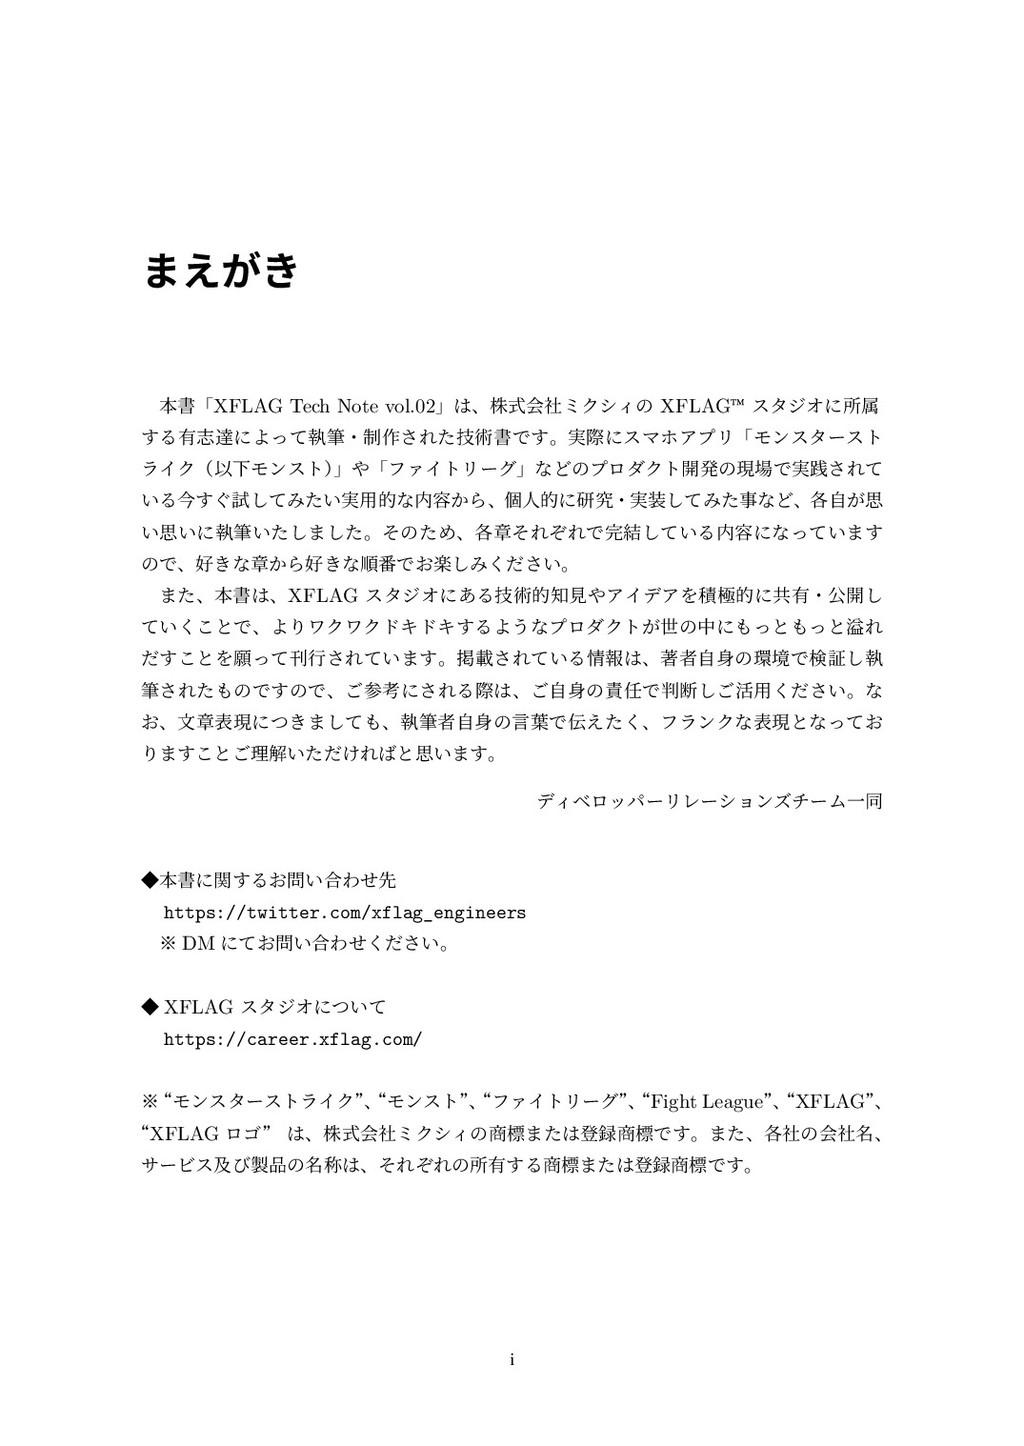 まえがき 本書「XFLAG Tech Note vol.02」は、株式会社ミクシィの XFLA...